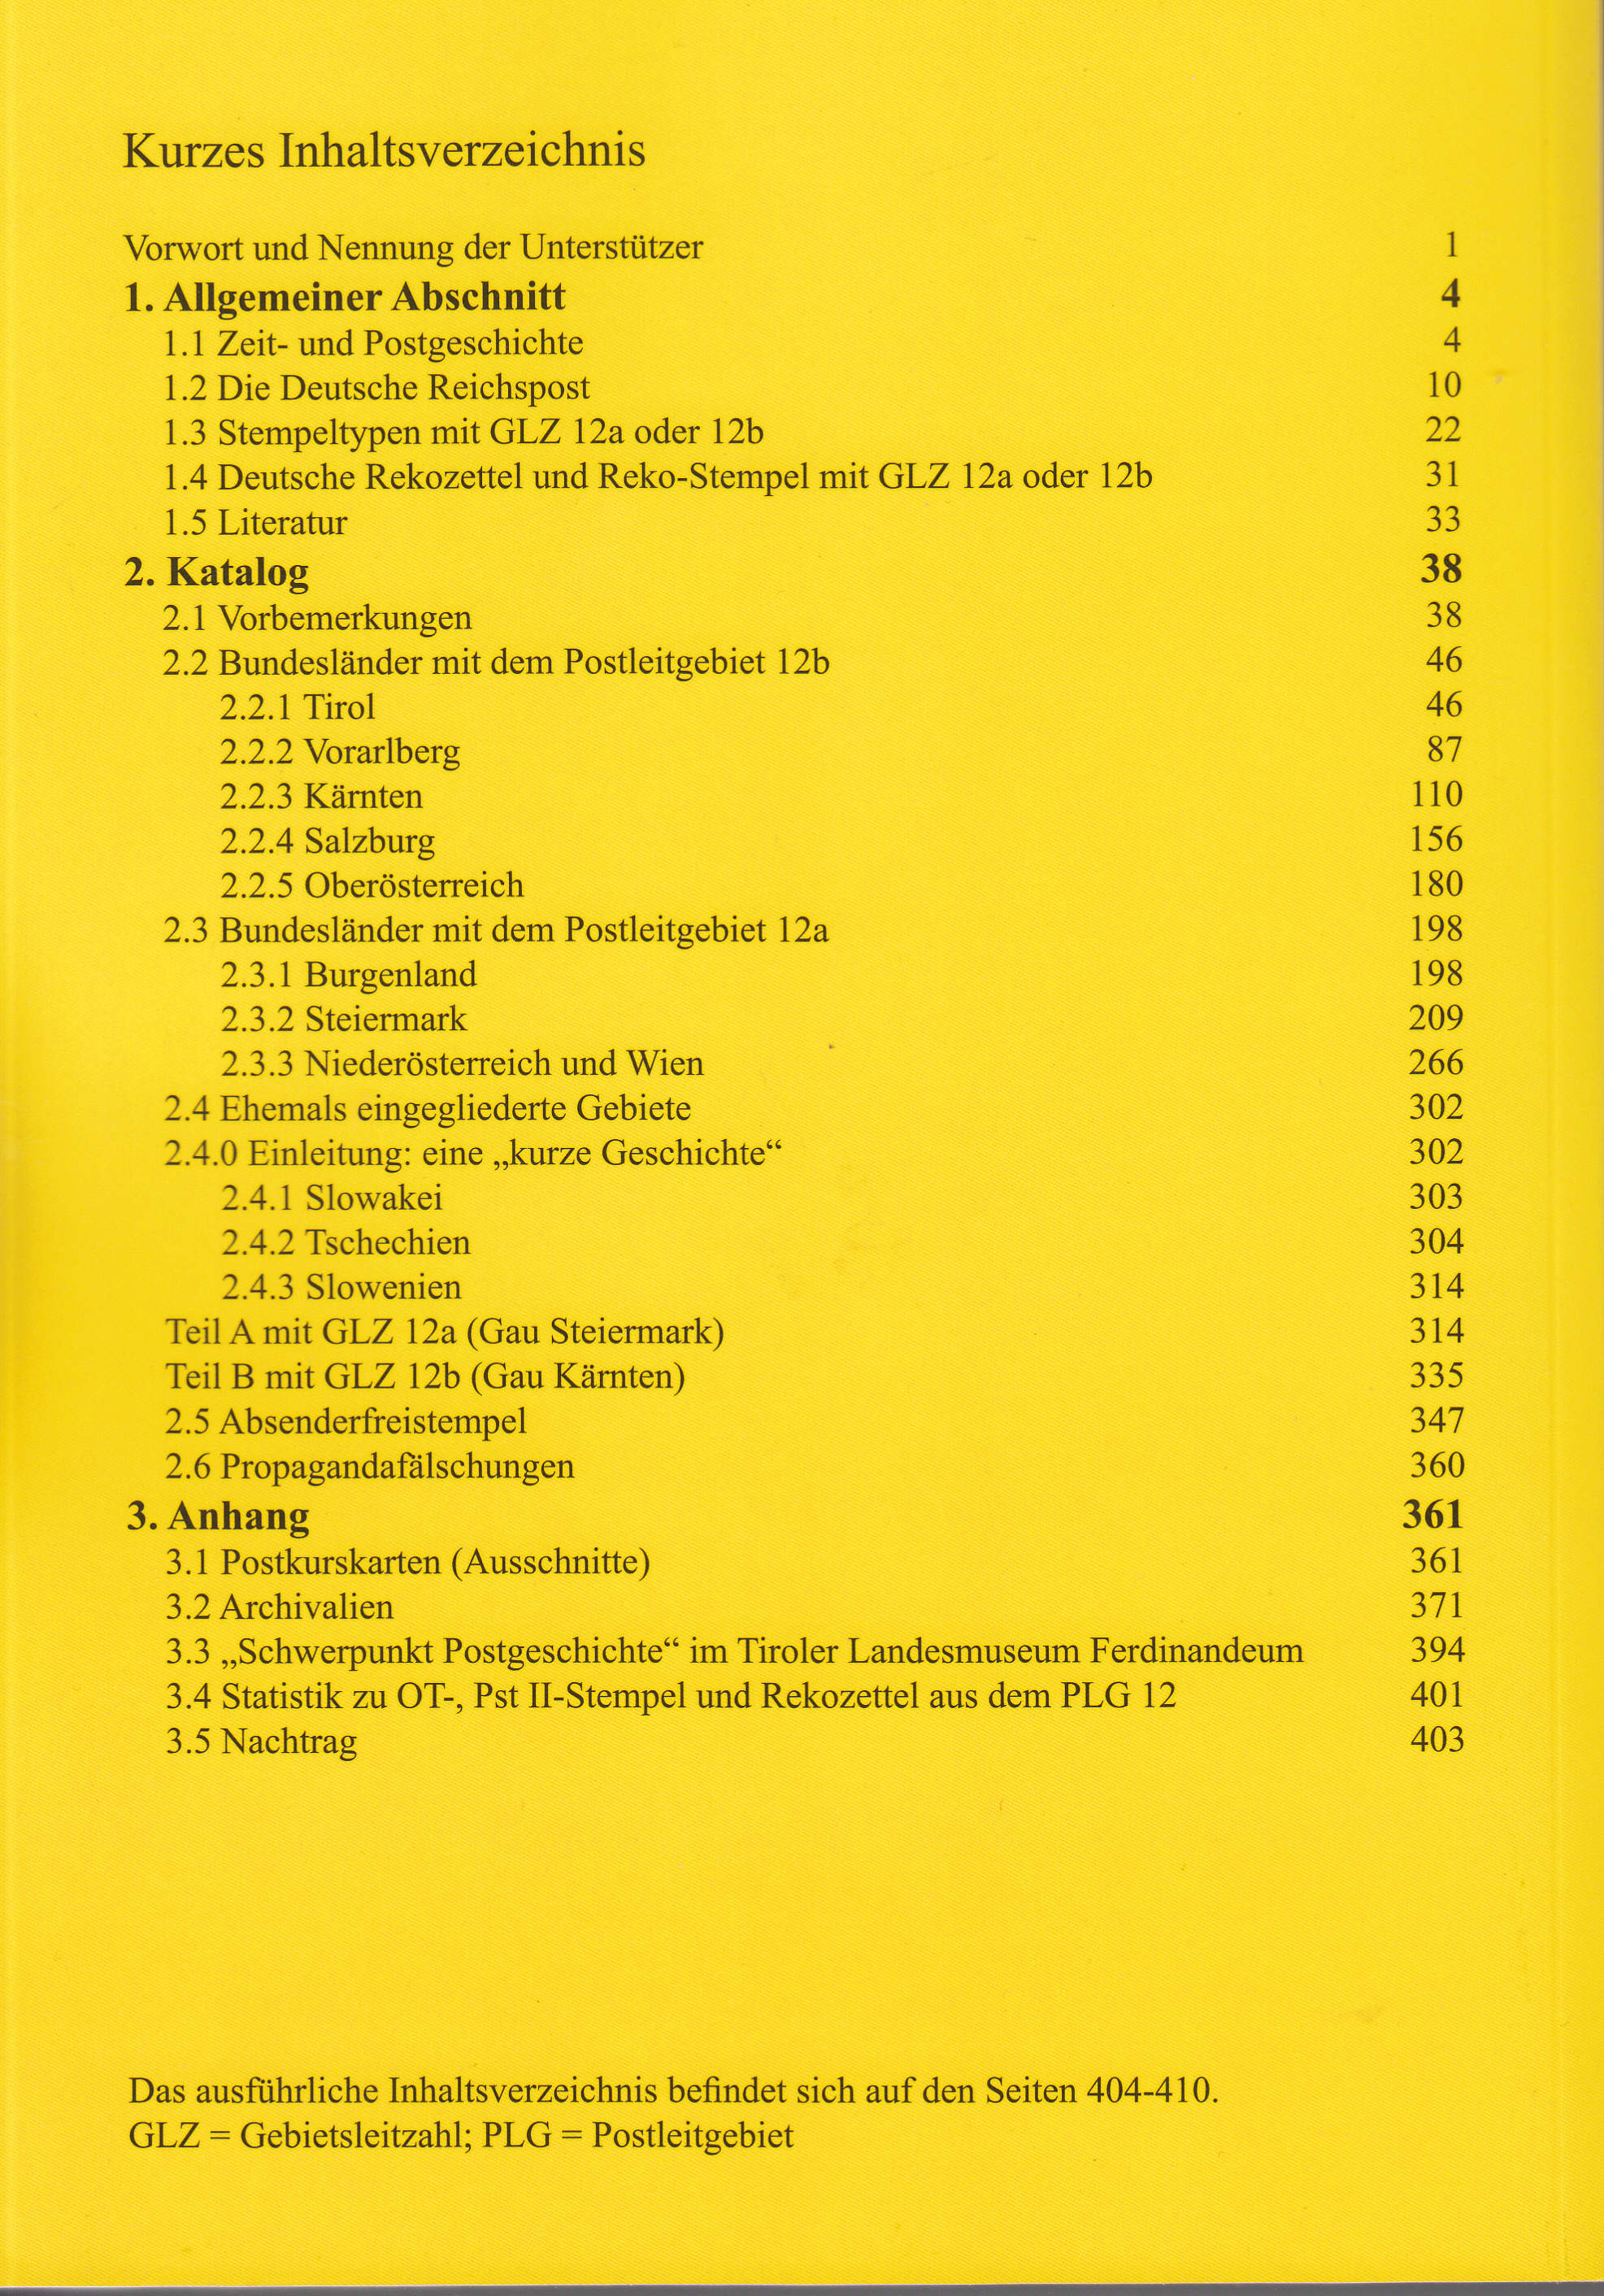 Nachtrag - Die Büchersammlungen der Forumsmitglieder - Seite 9 Img198